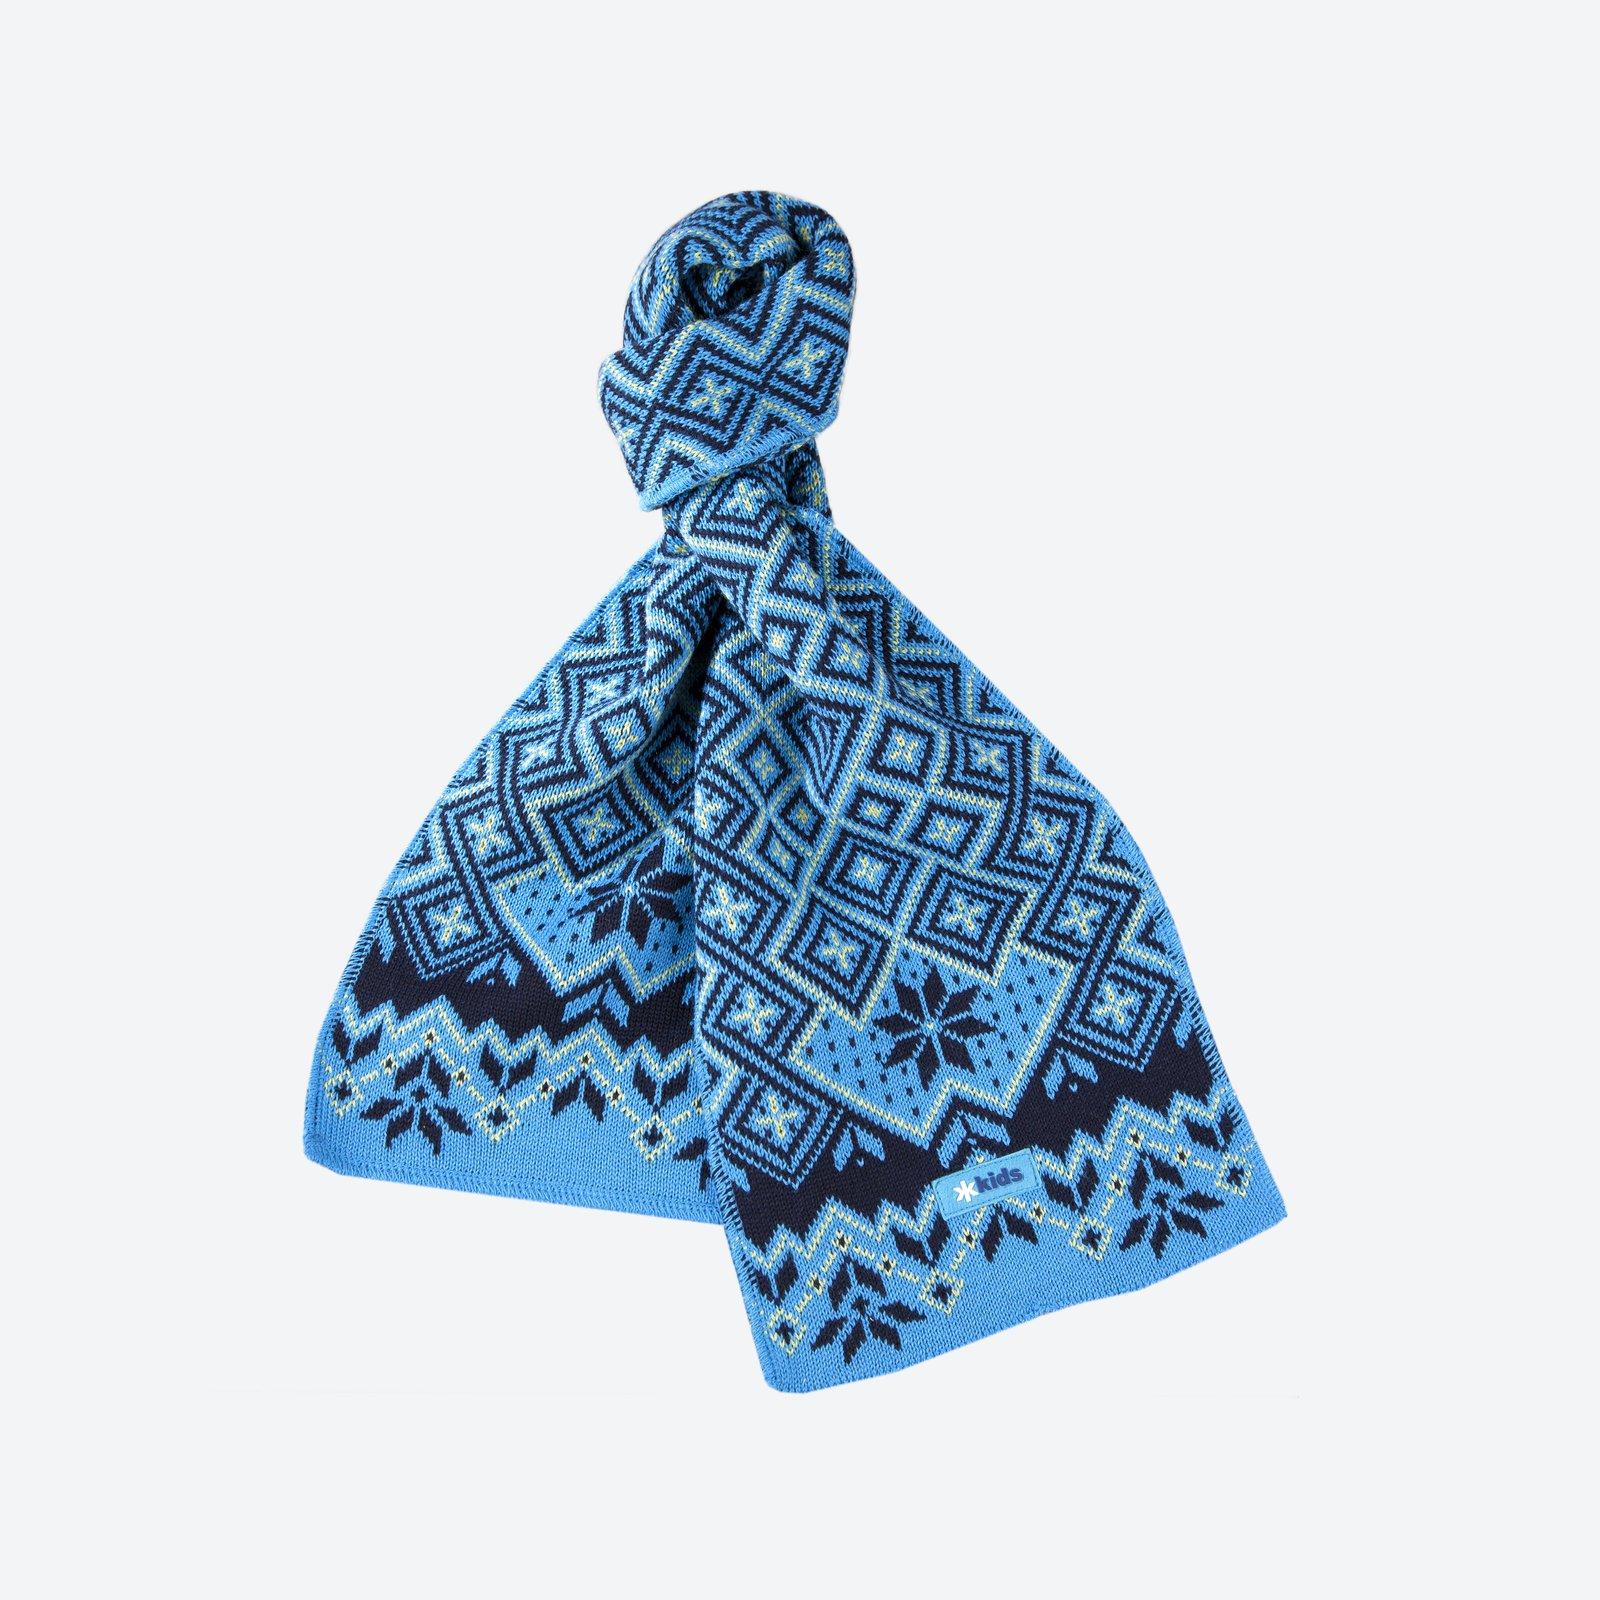 c56dc1380d1 Dětská pletená Merino šála Kama SB07 modrá